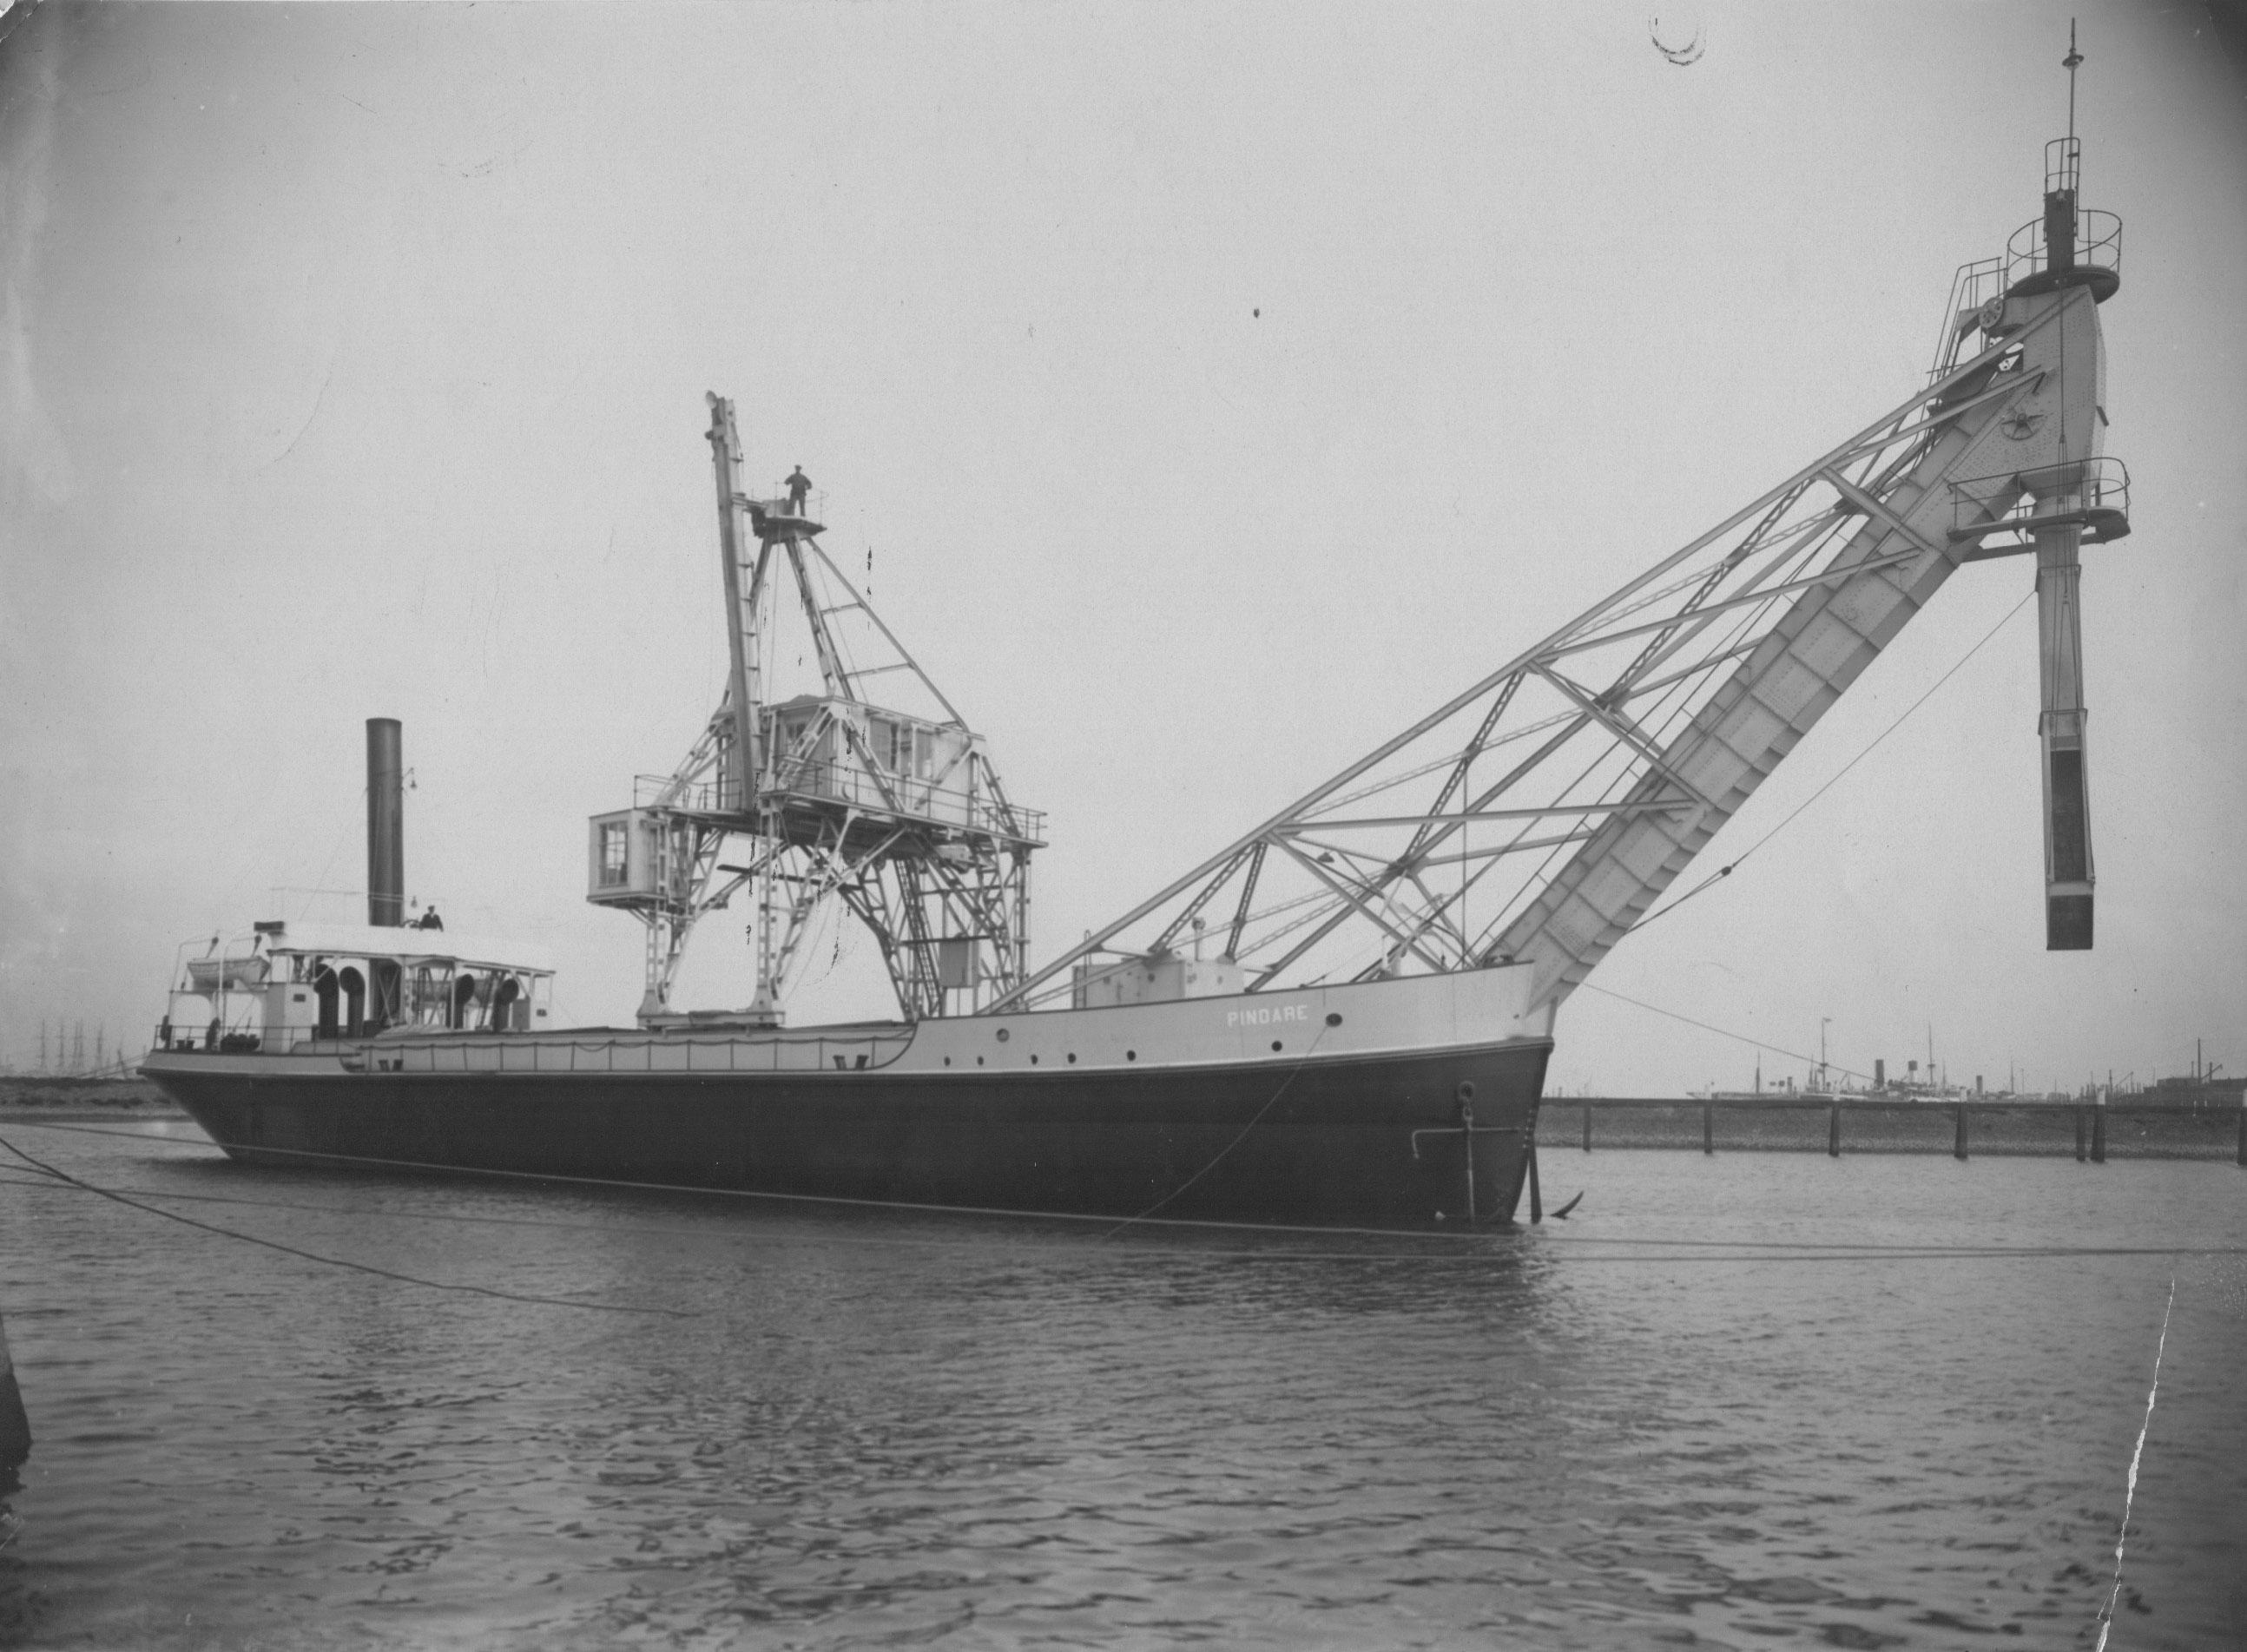 Bnr. 471: Pindare (1914)